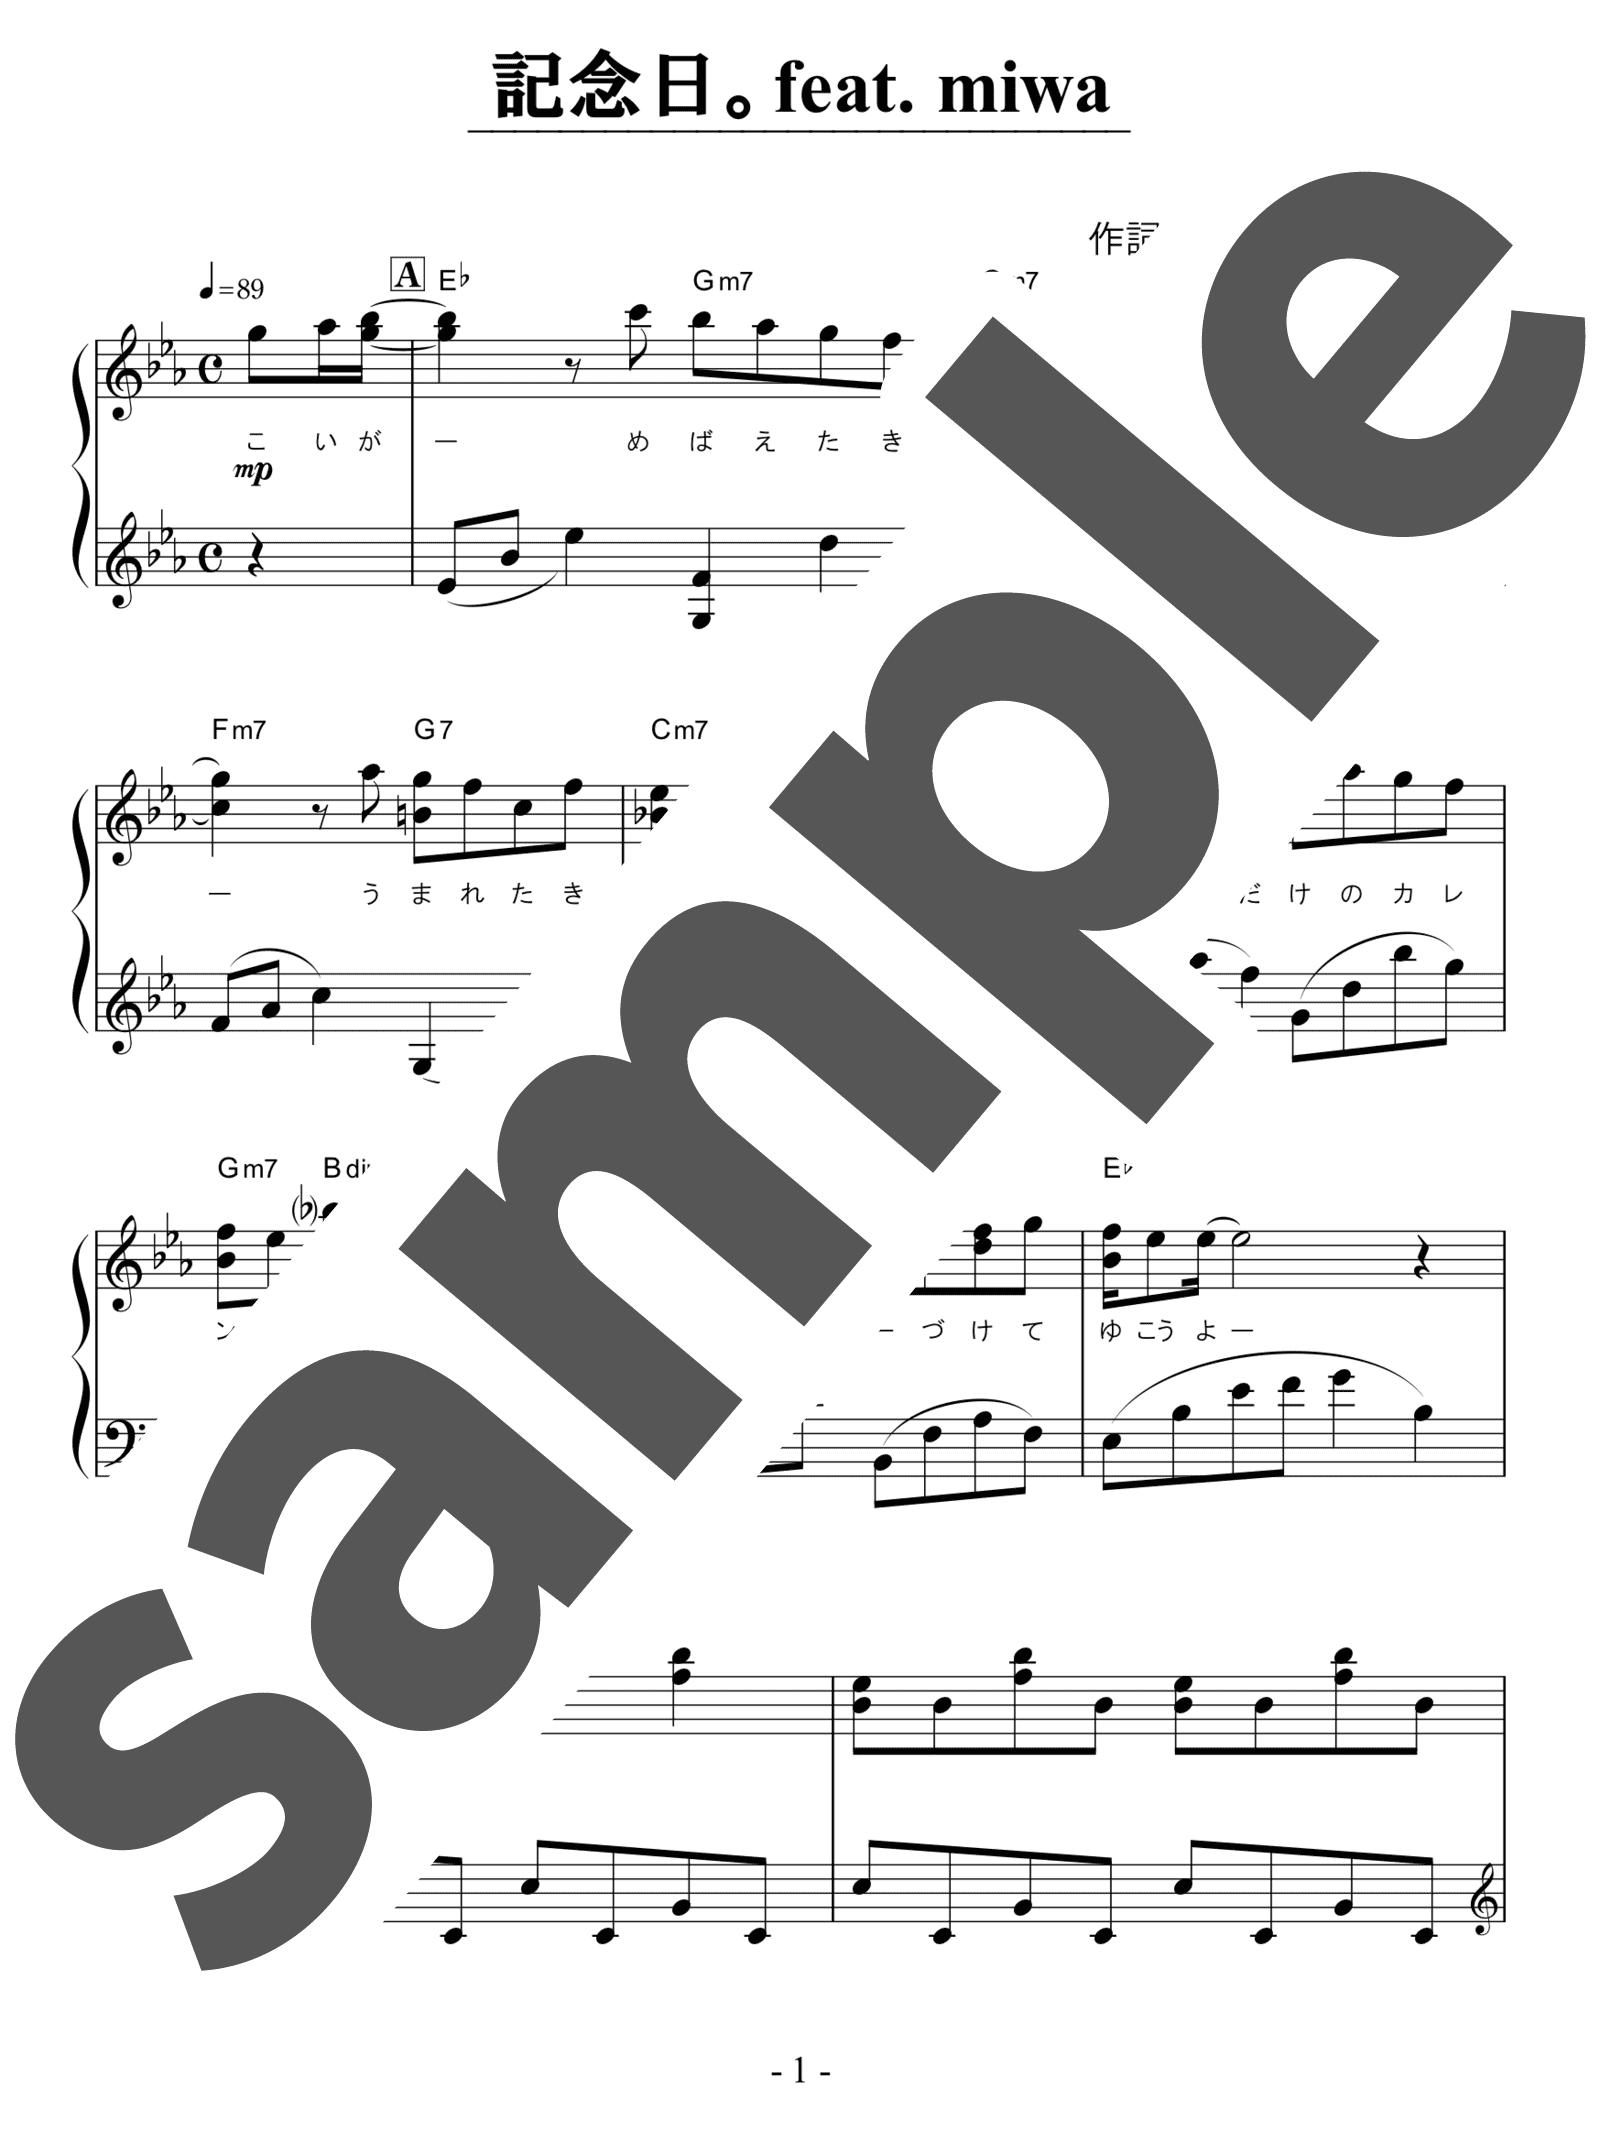 「記念日。feat.miwa」のサンプル楽譜